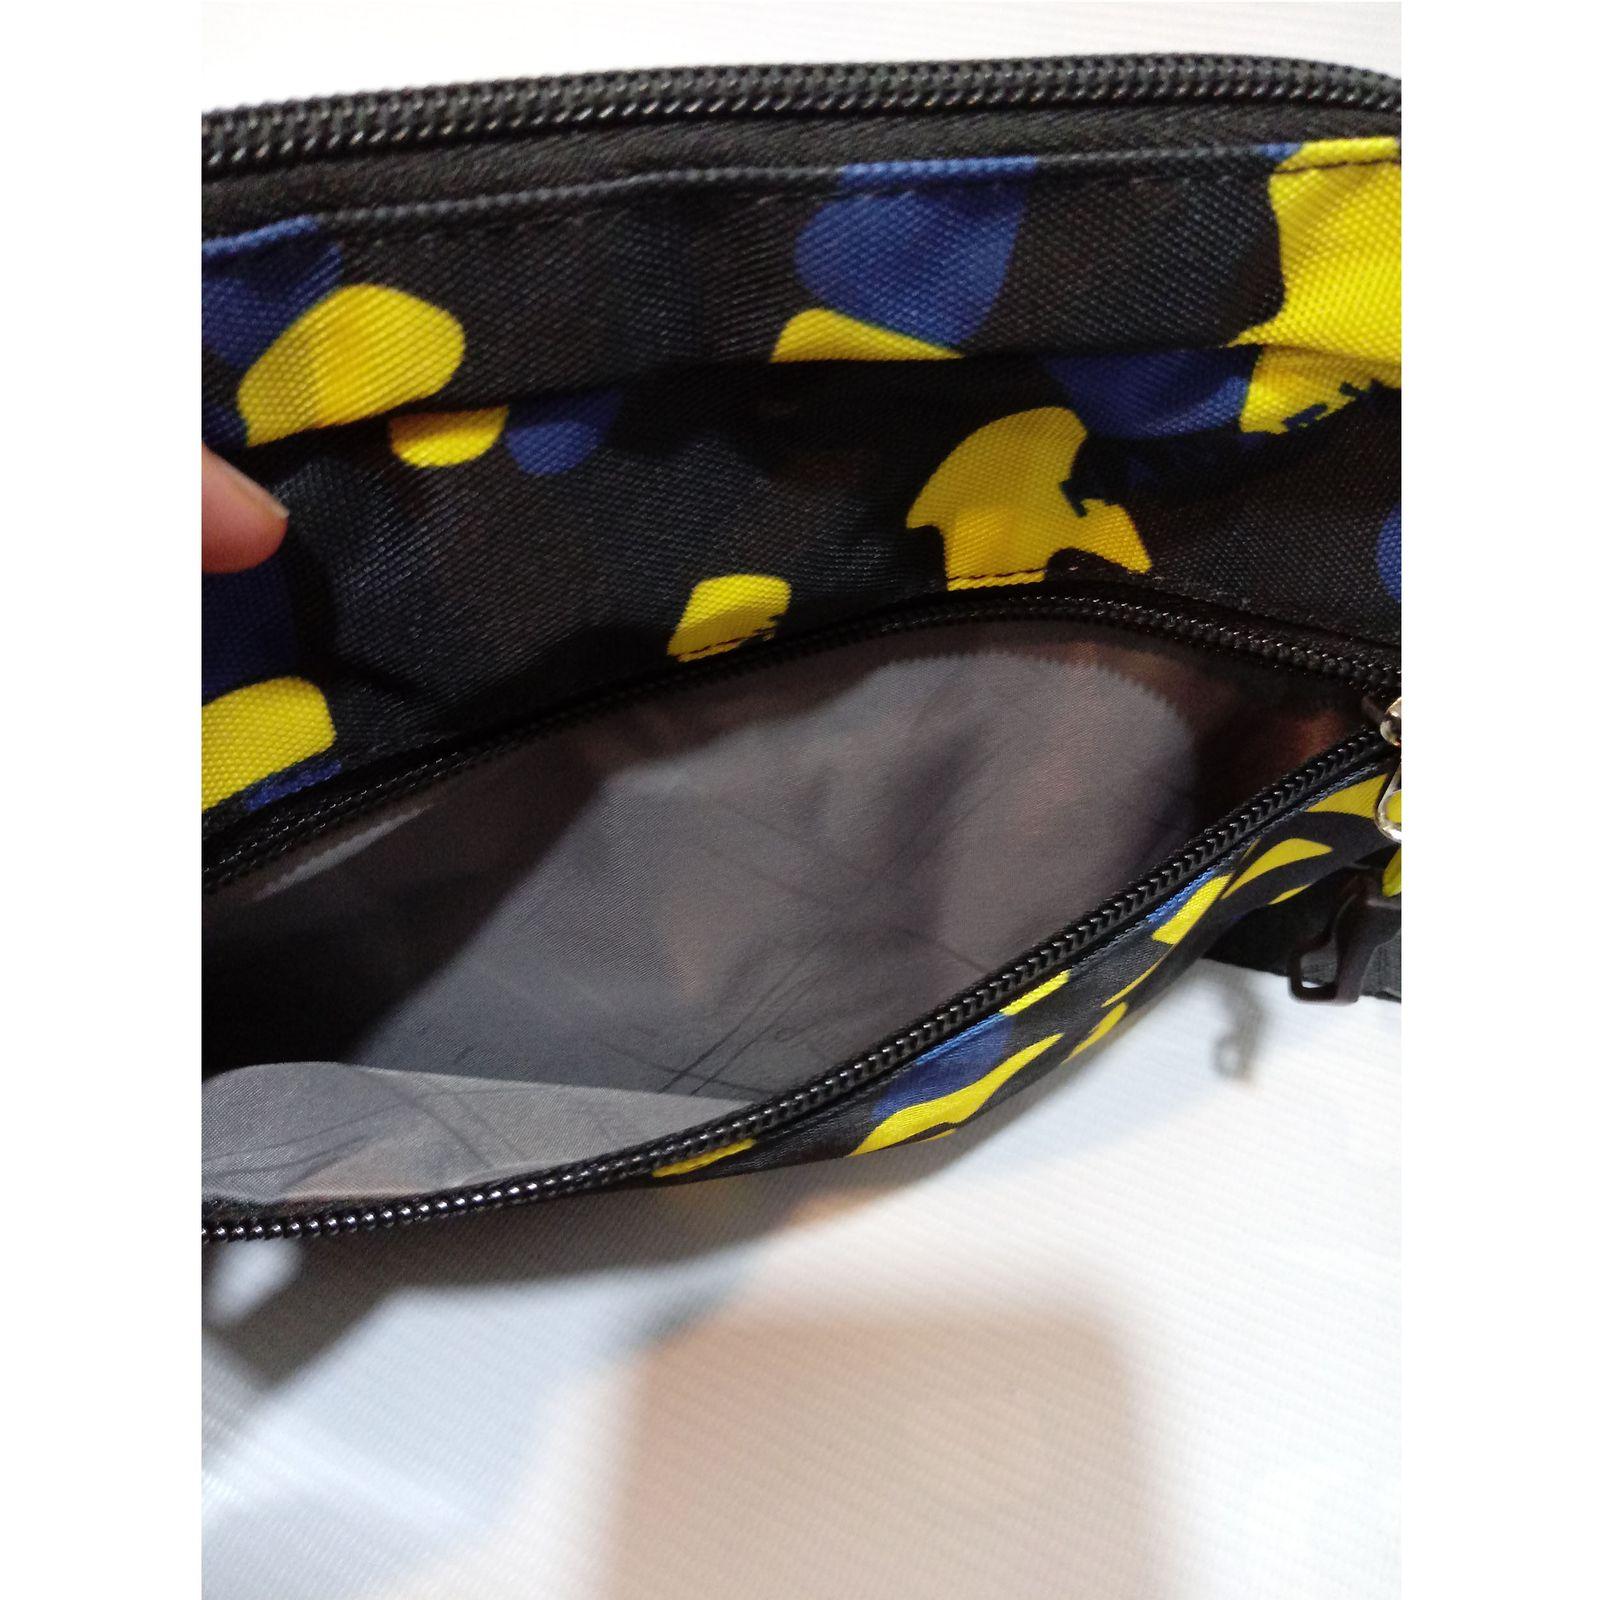 کیف رو دوشی هندری مدل 08 -  - 7